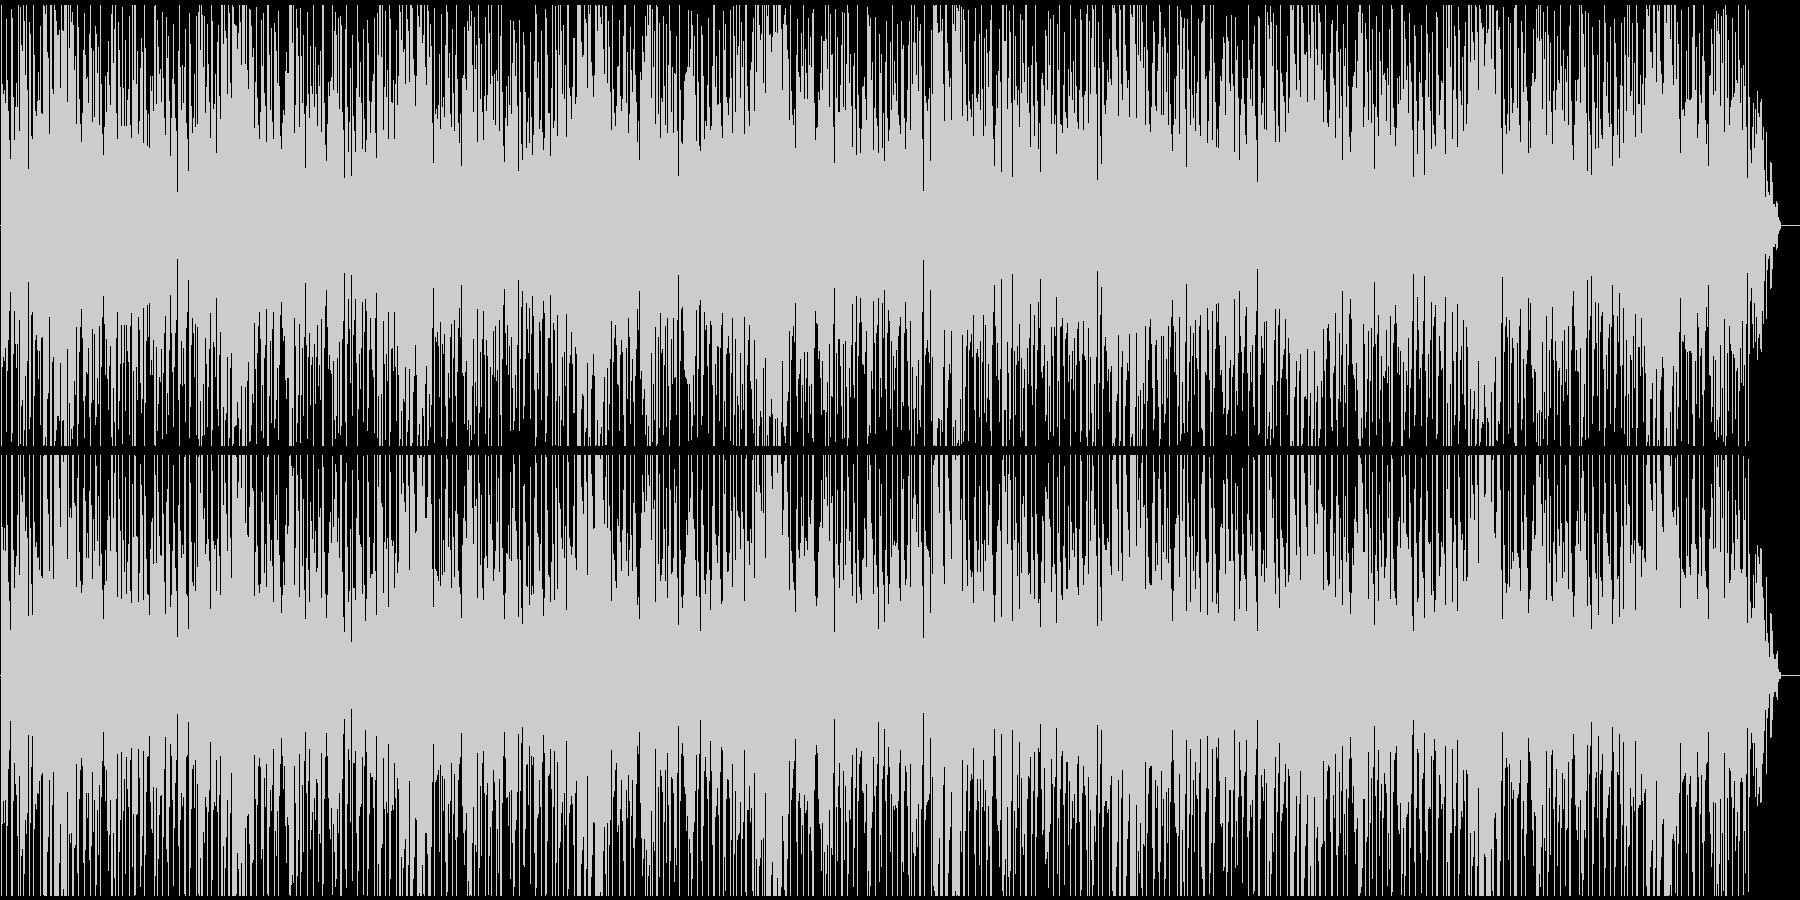 爽やかでおしゃれなBGMの未再生の波形